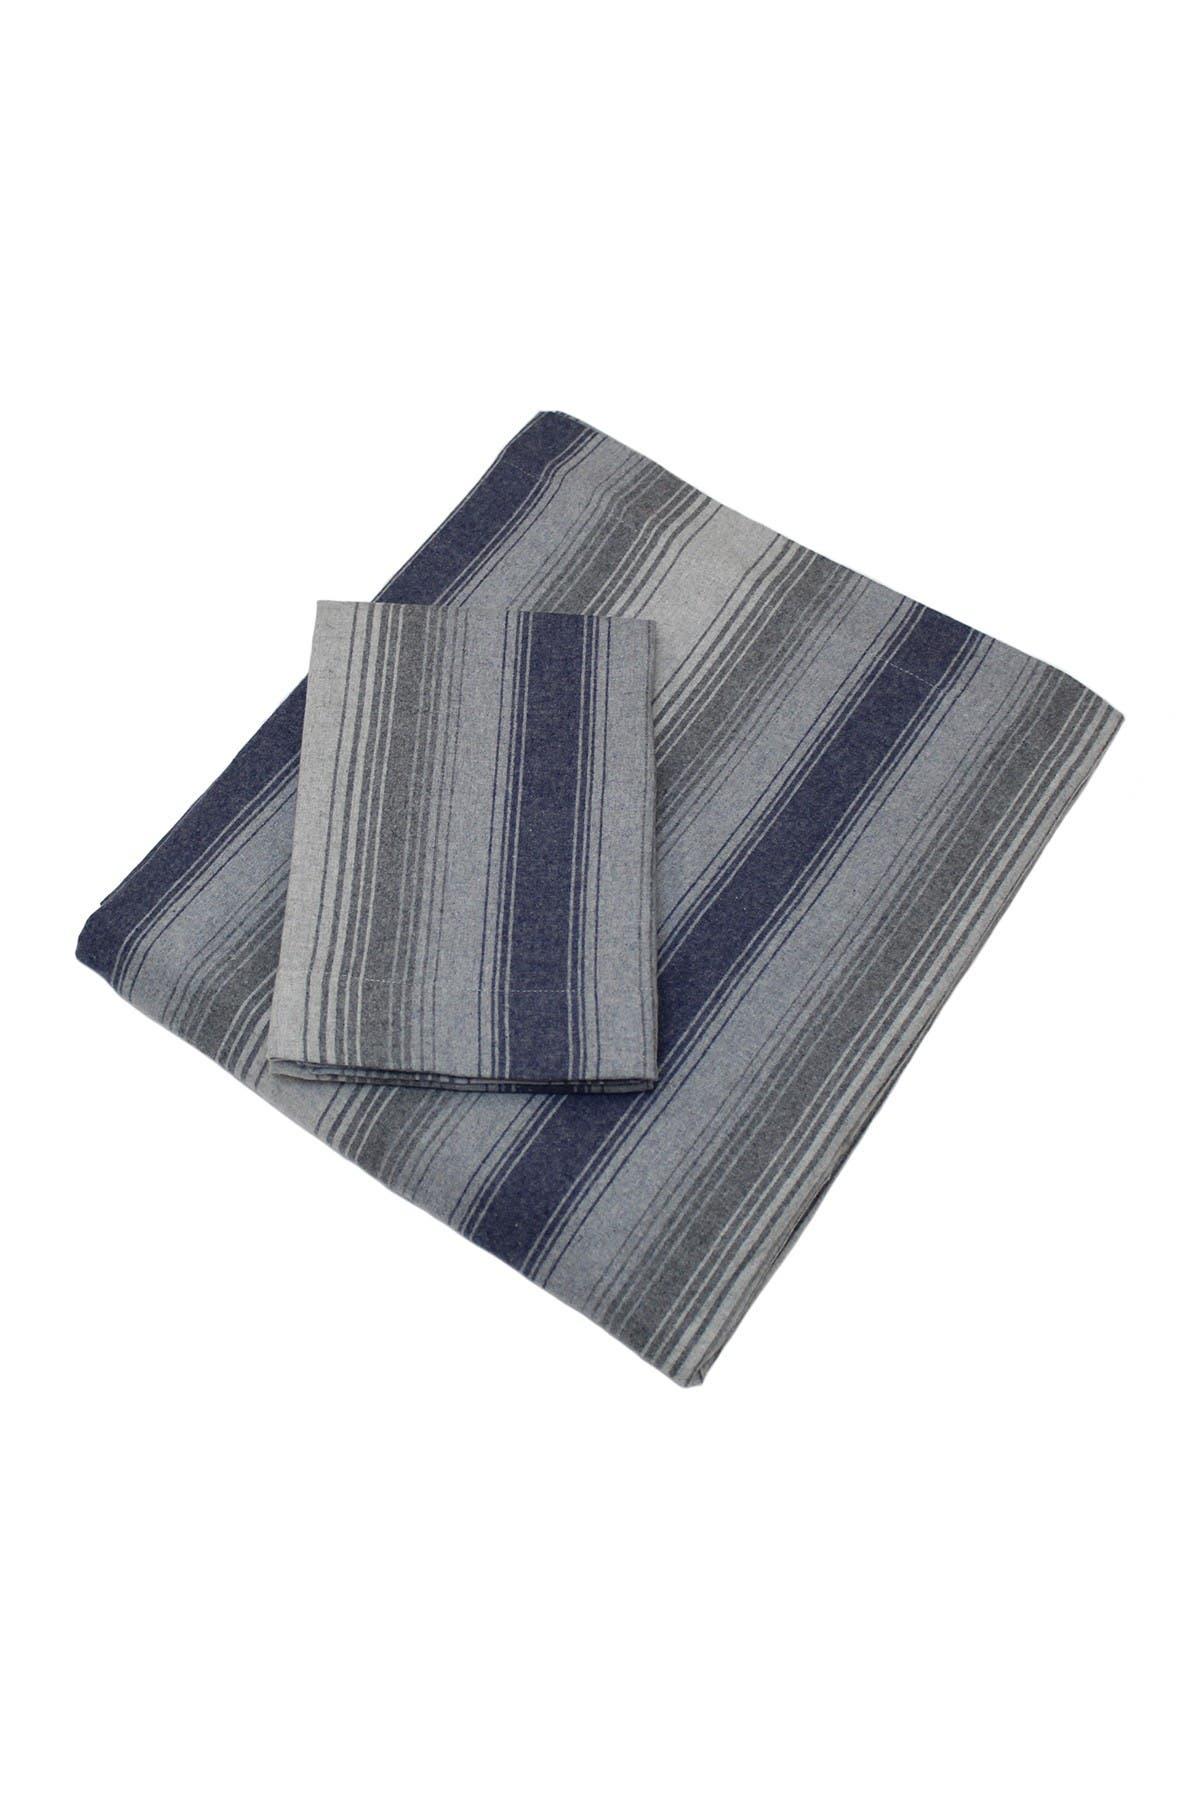 Image of Belle Epoque Flannel Sheet Set Blue/Grey Stripe - Twin